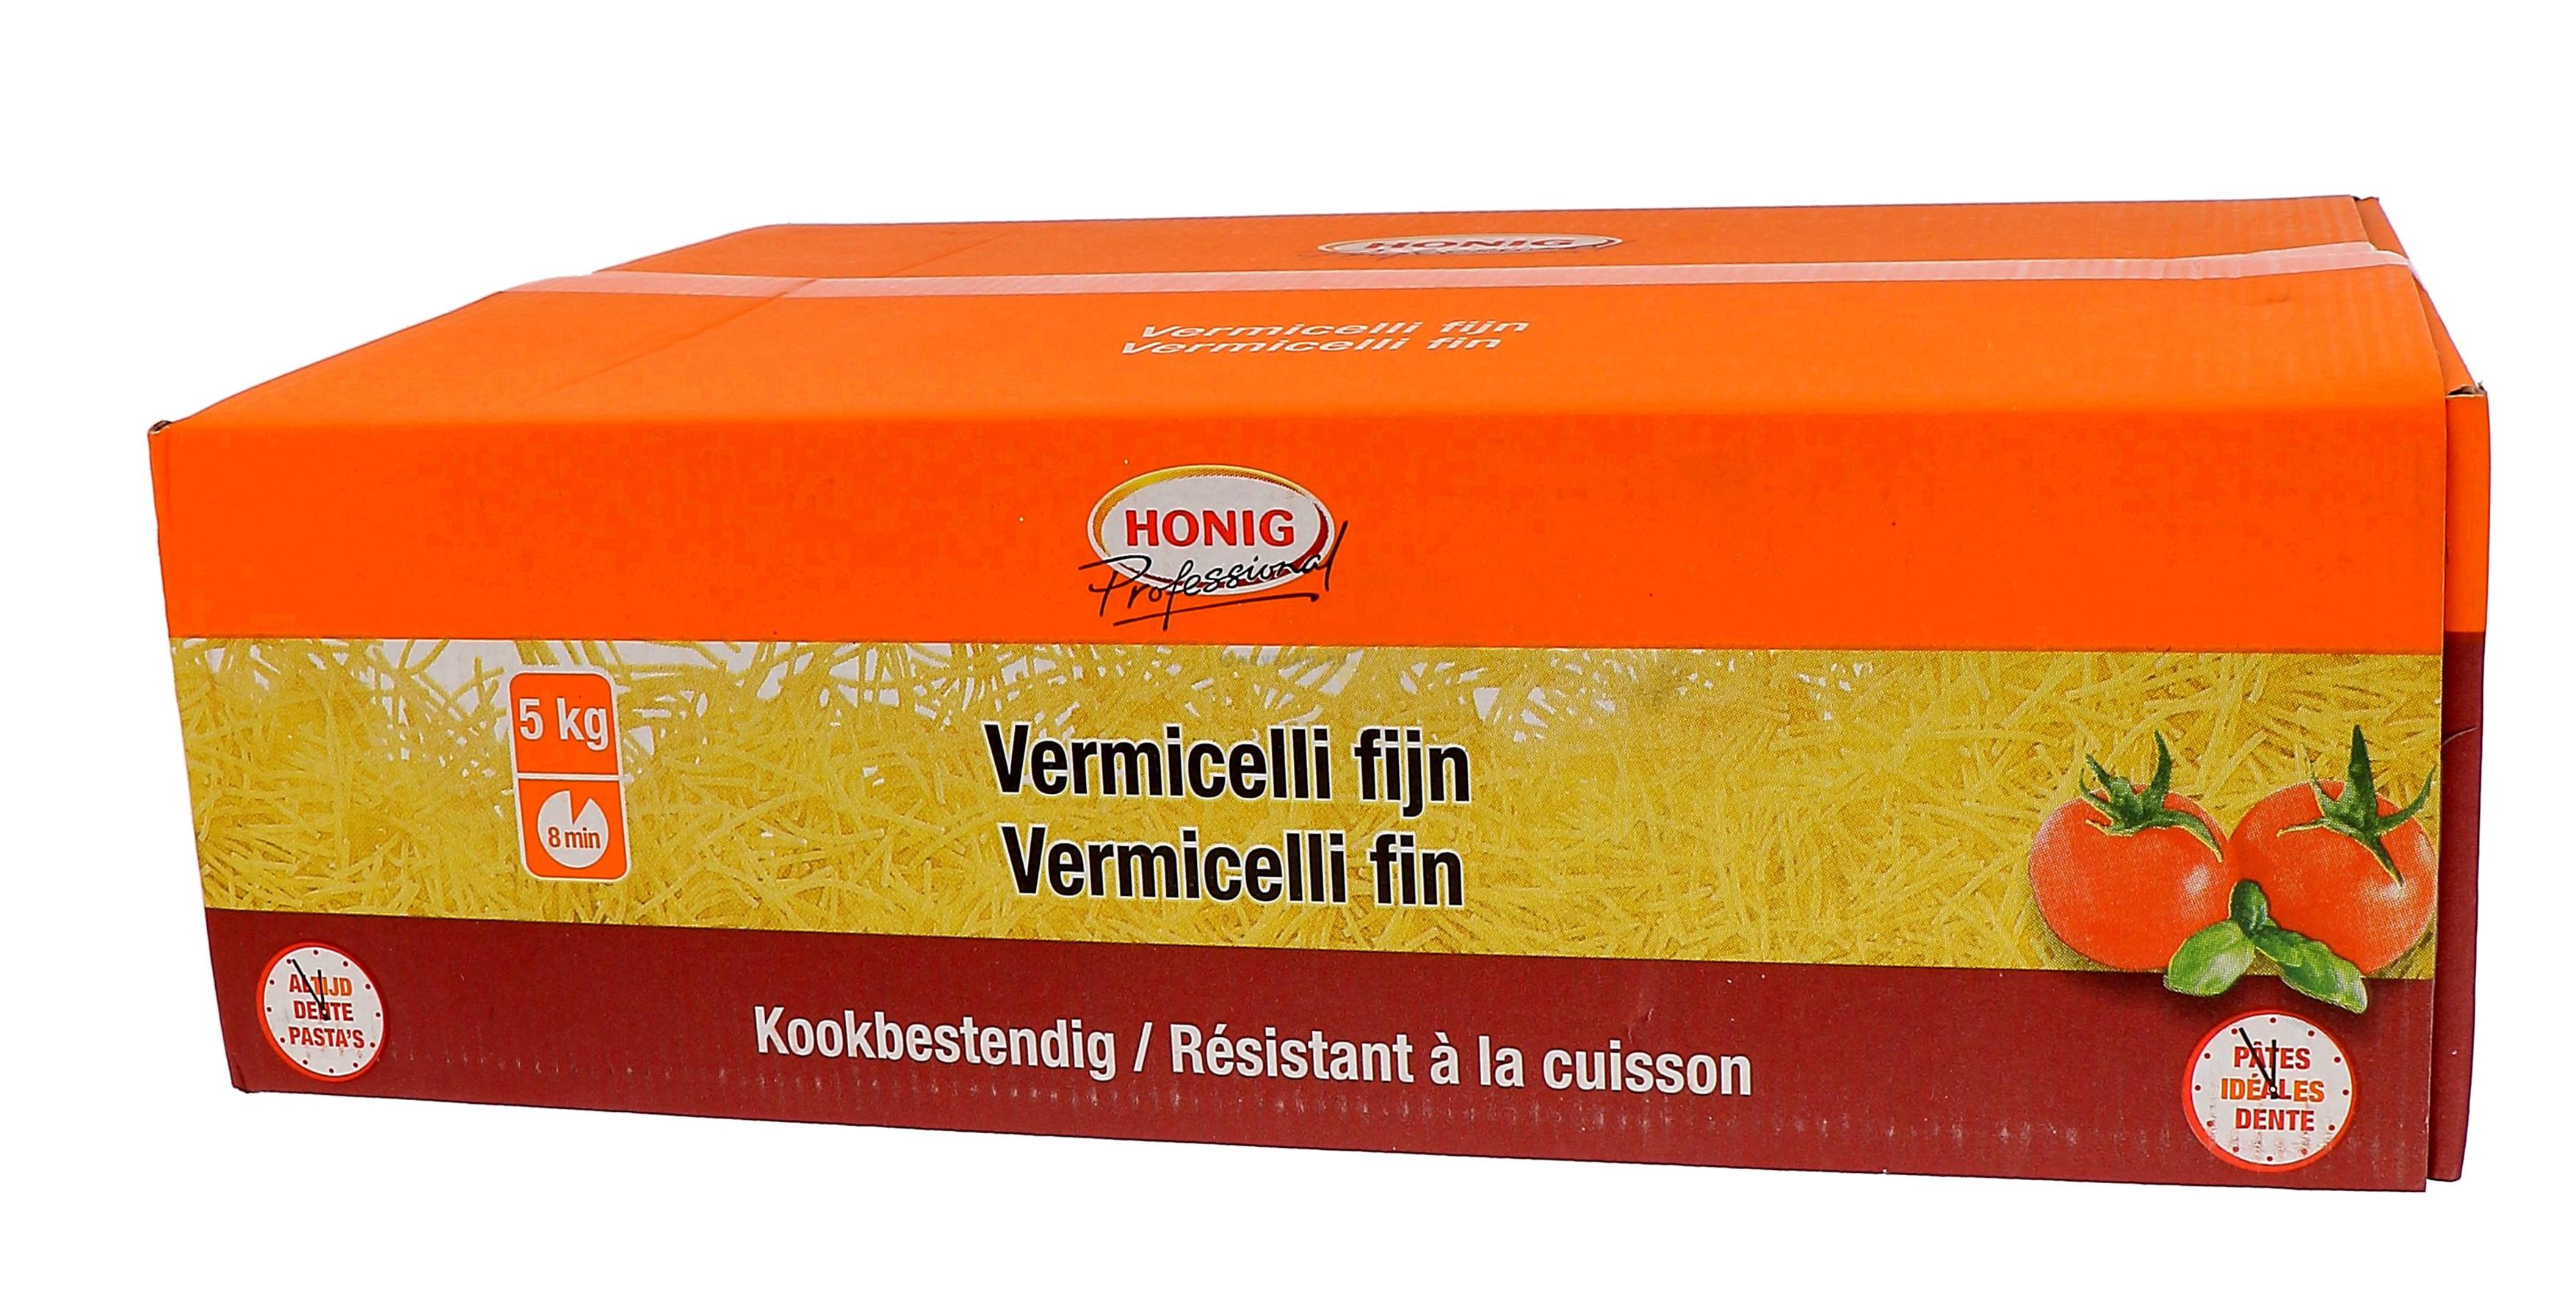 Honig pasta engelenhaar / vermicelli 5kg Professional